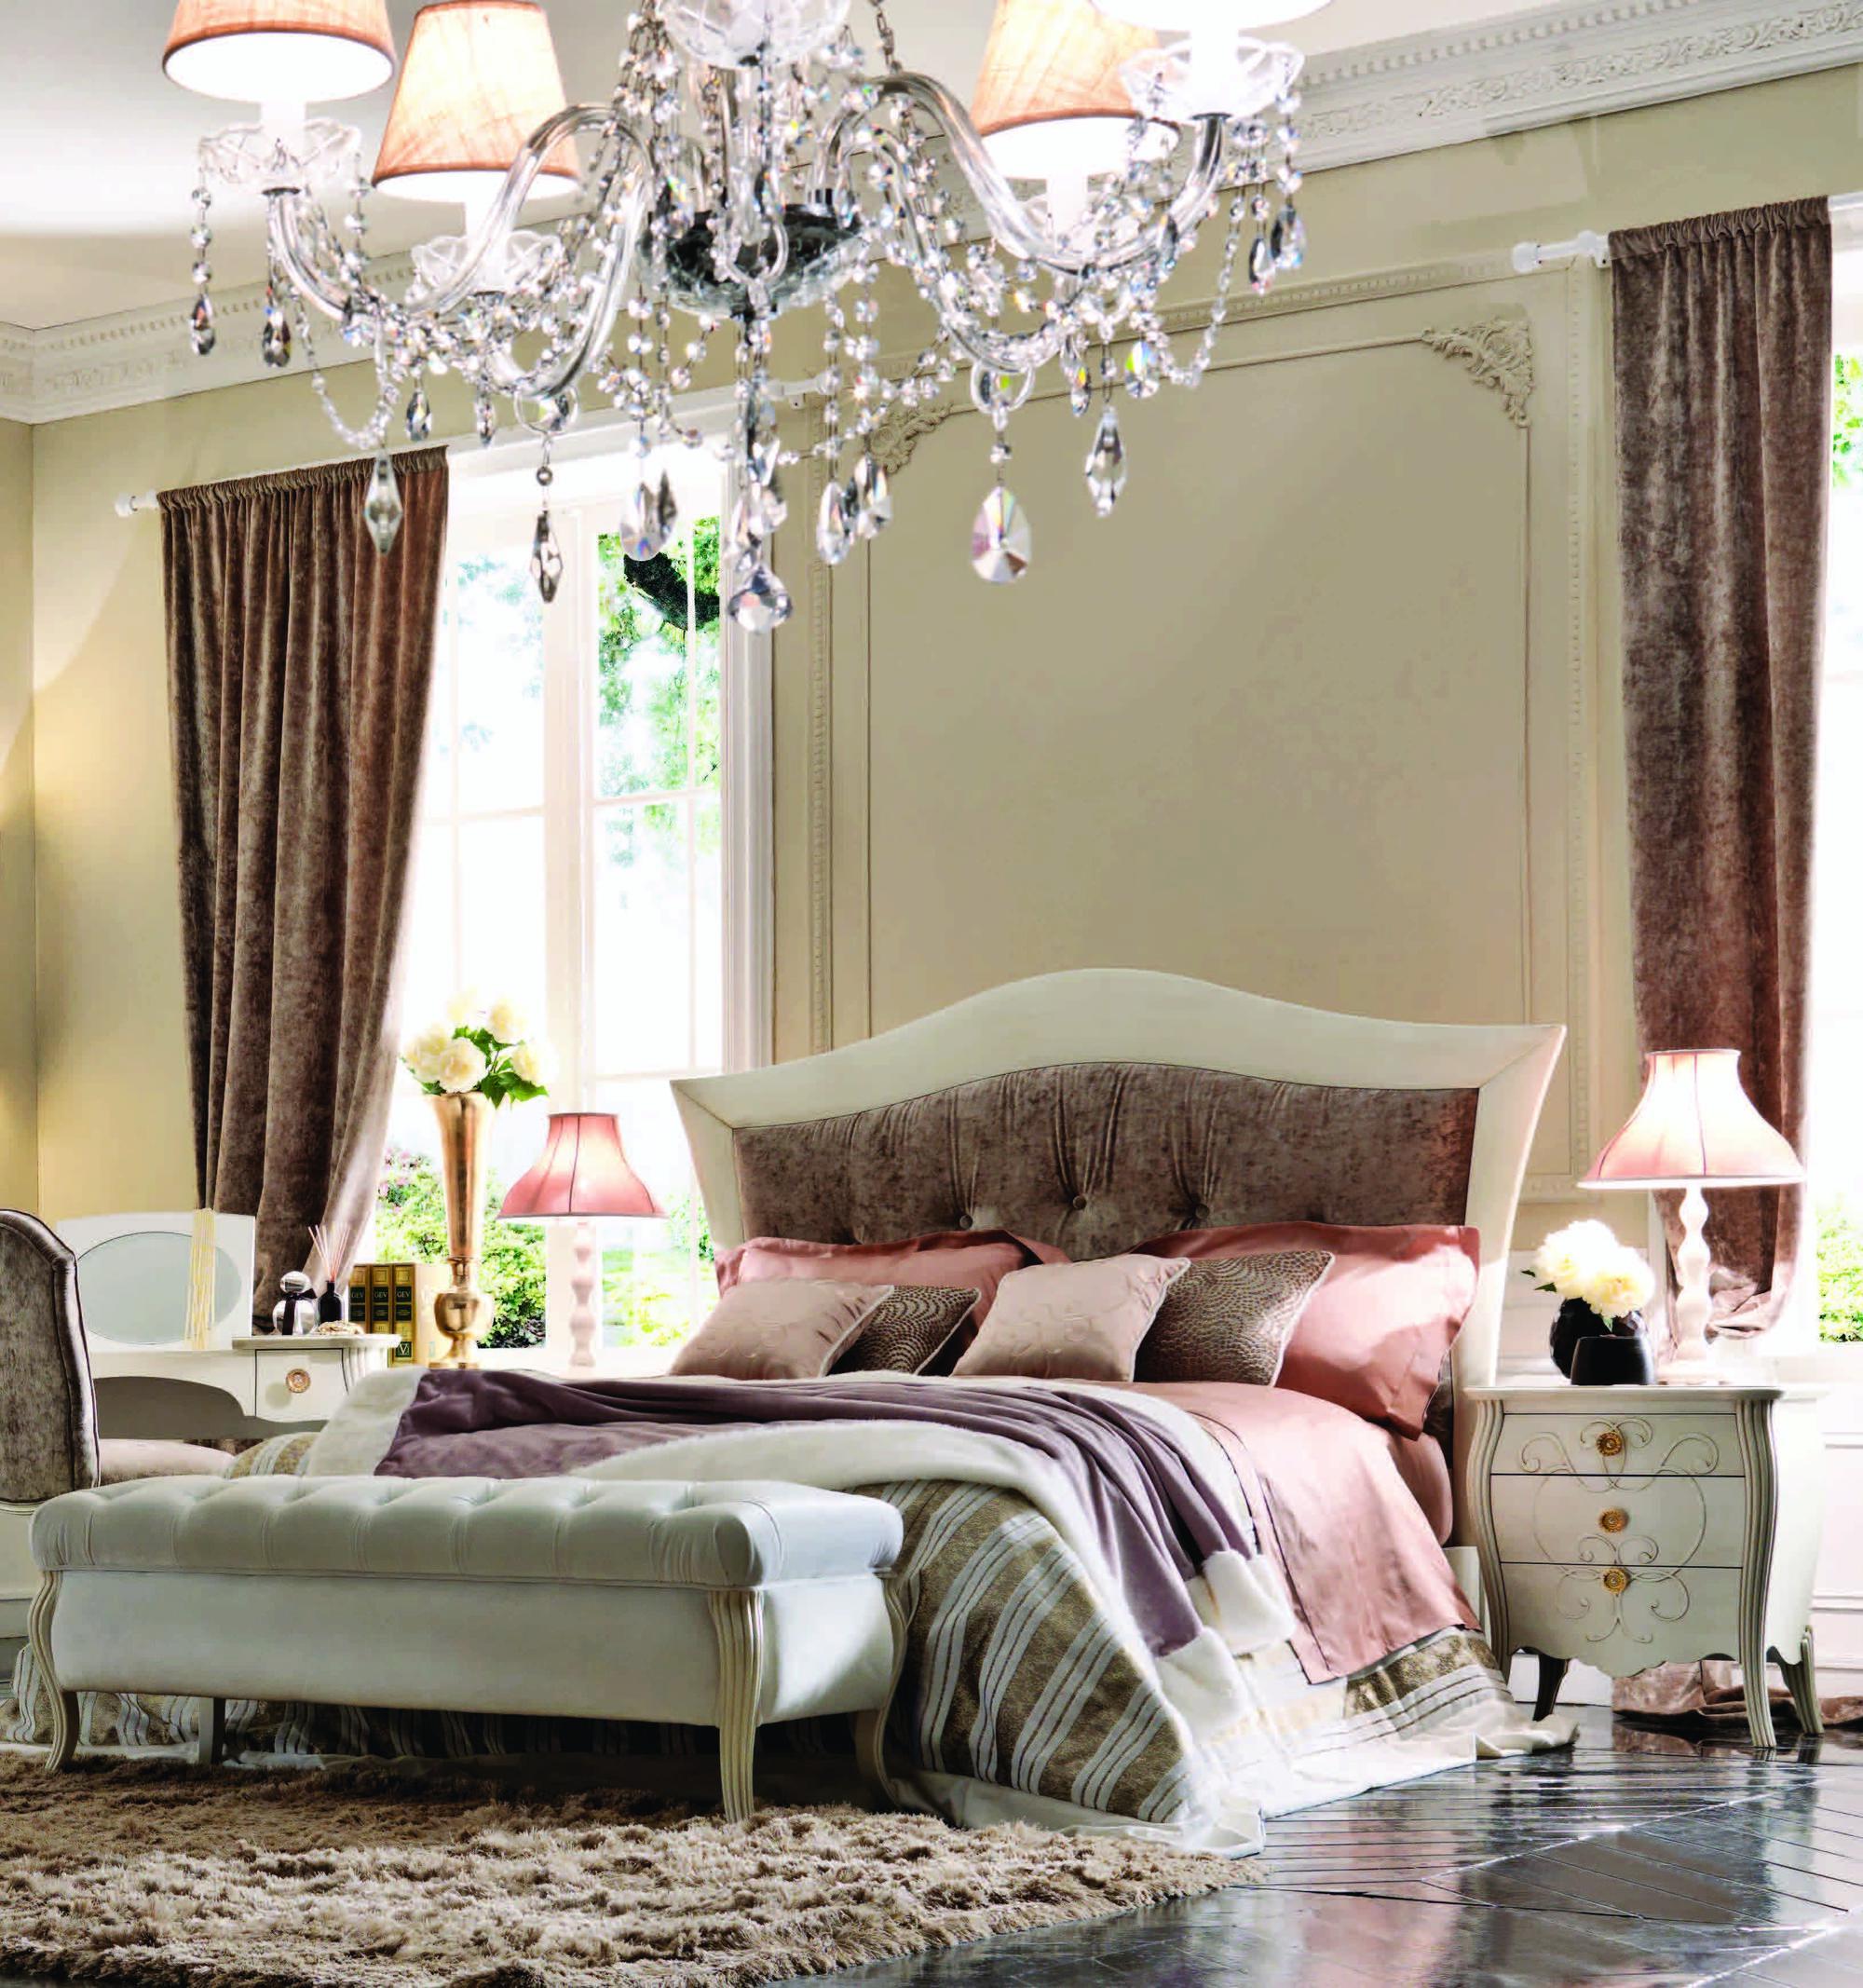 Letti stile barocco verona camere stile barocco verona dalmar - Camerette stile barocco ...